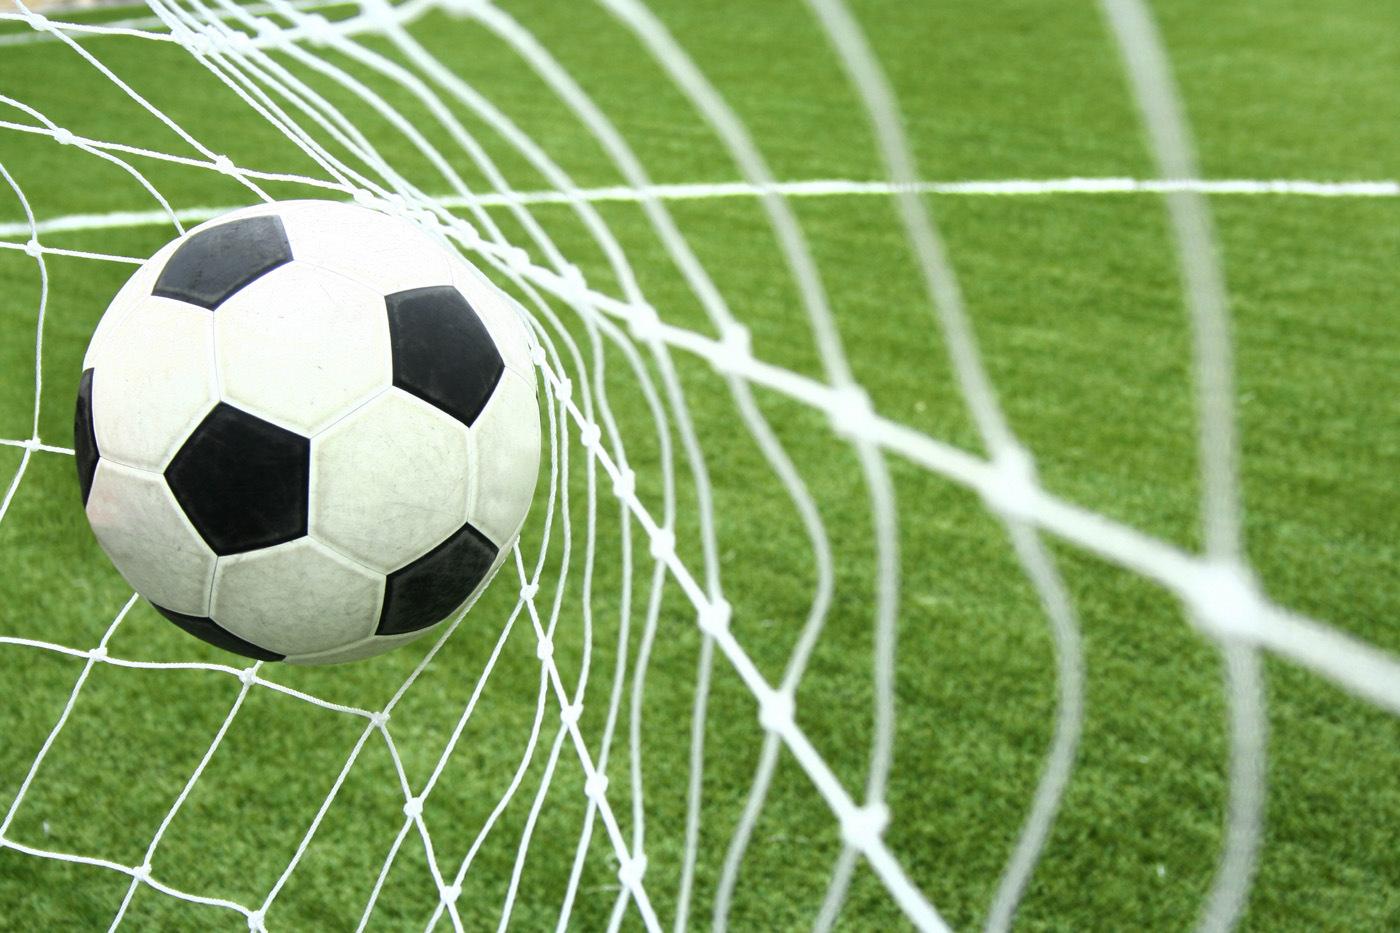 Élő tv sportközvetítések - A szerdai labdarúgó-vb időpontok